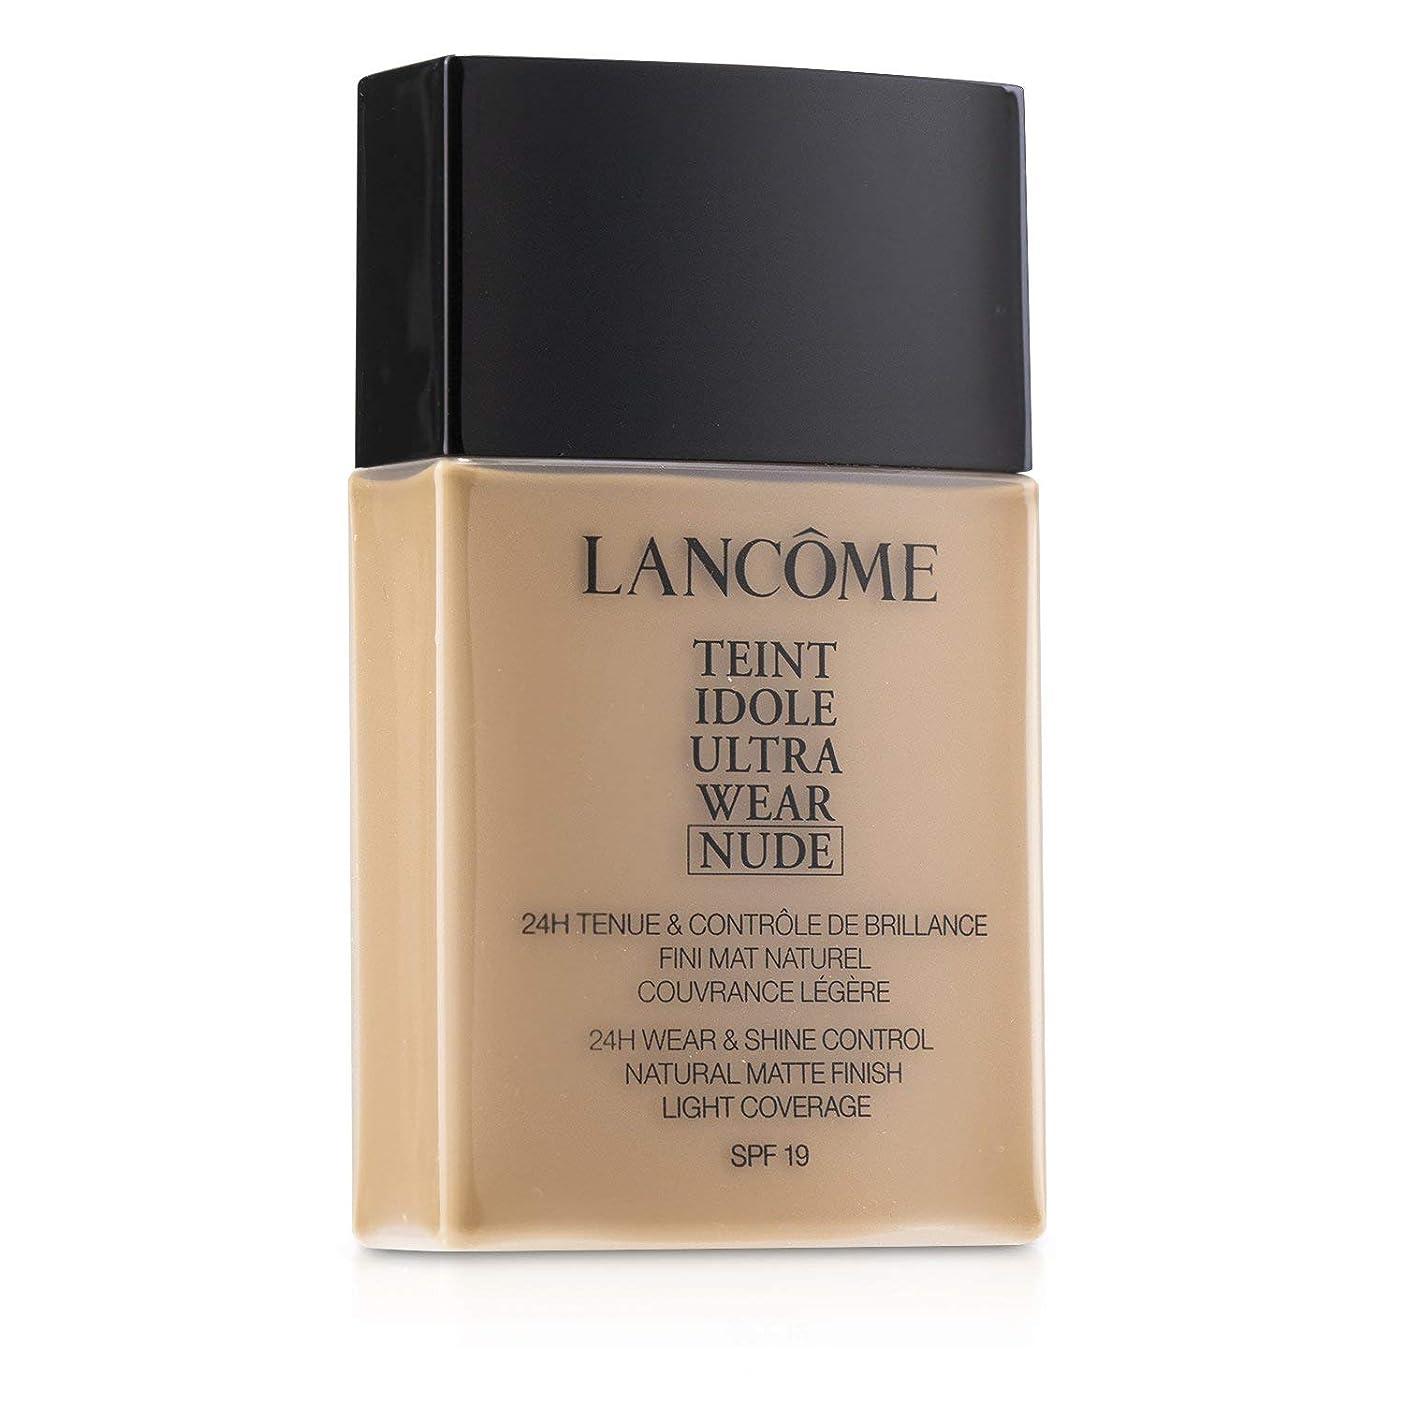 ロマンスエピソード間違いランコム Teint Idole Ultra Wear Nude Foundation SPF19 - # 055 Beige Ideal 40ml/1.3oz並行輸入品